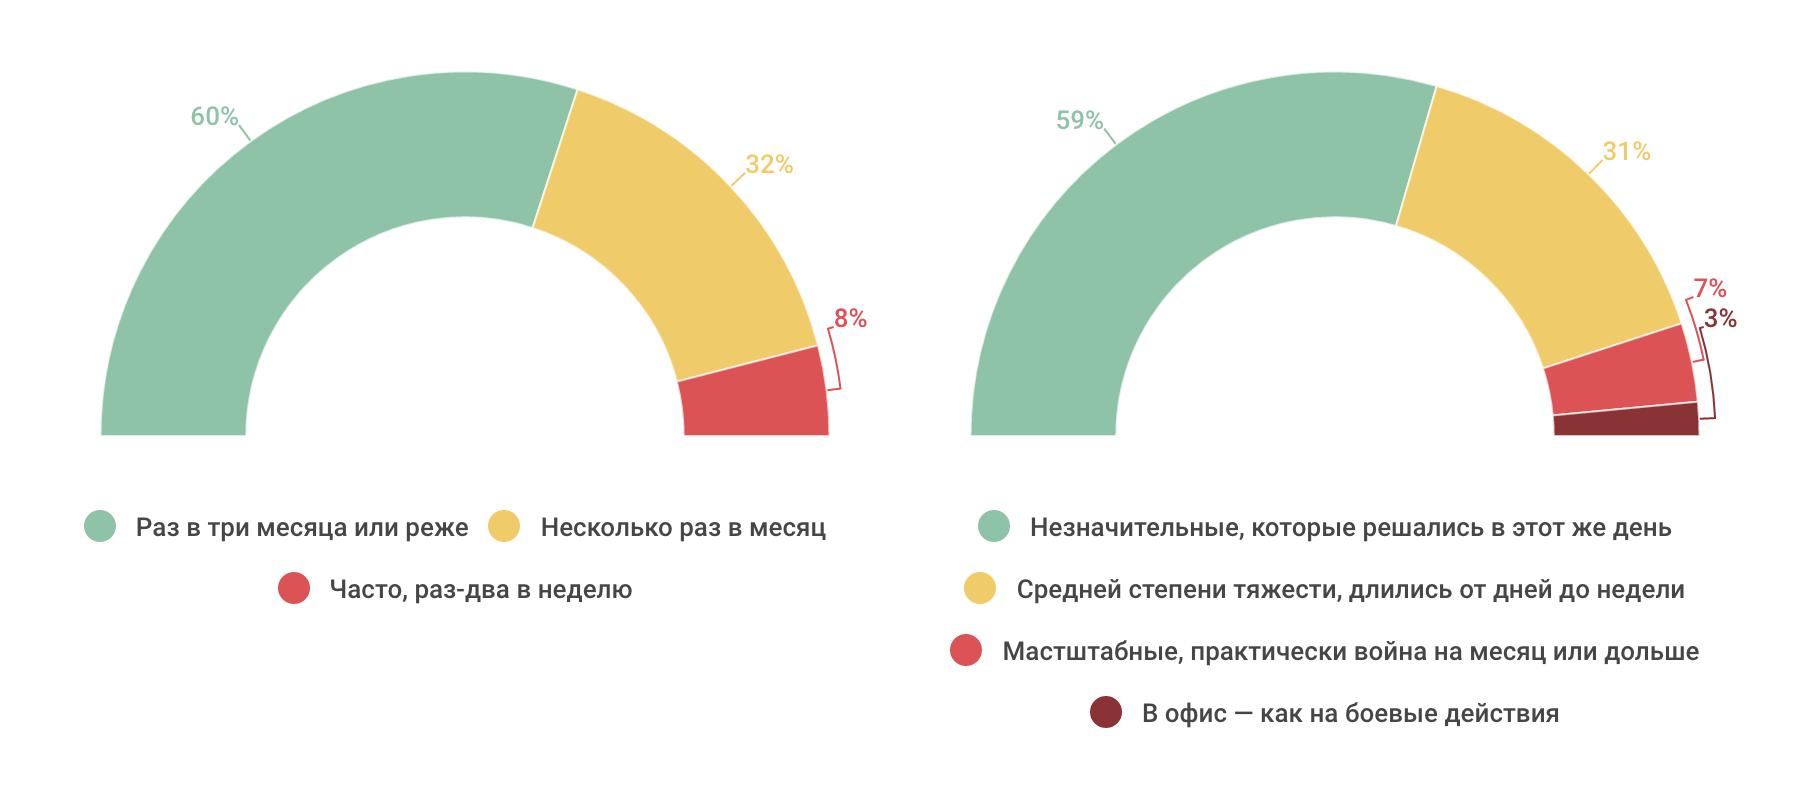 Насколько разработчики конфликтные — инфографика по результатам опроса на «Моем круге» - 4